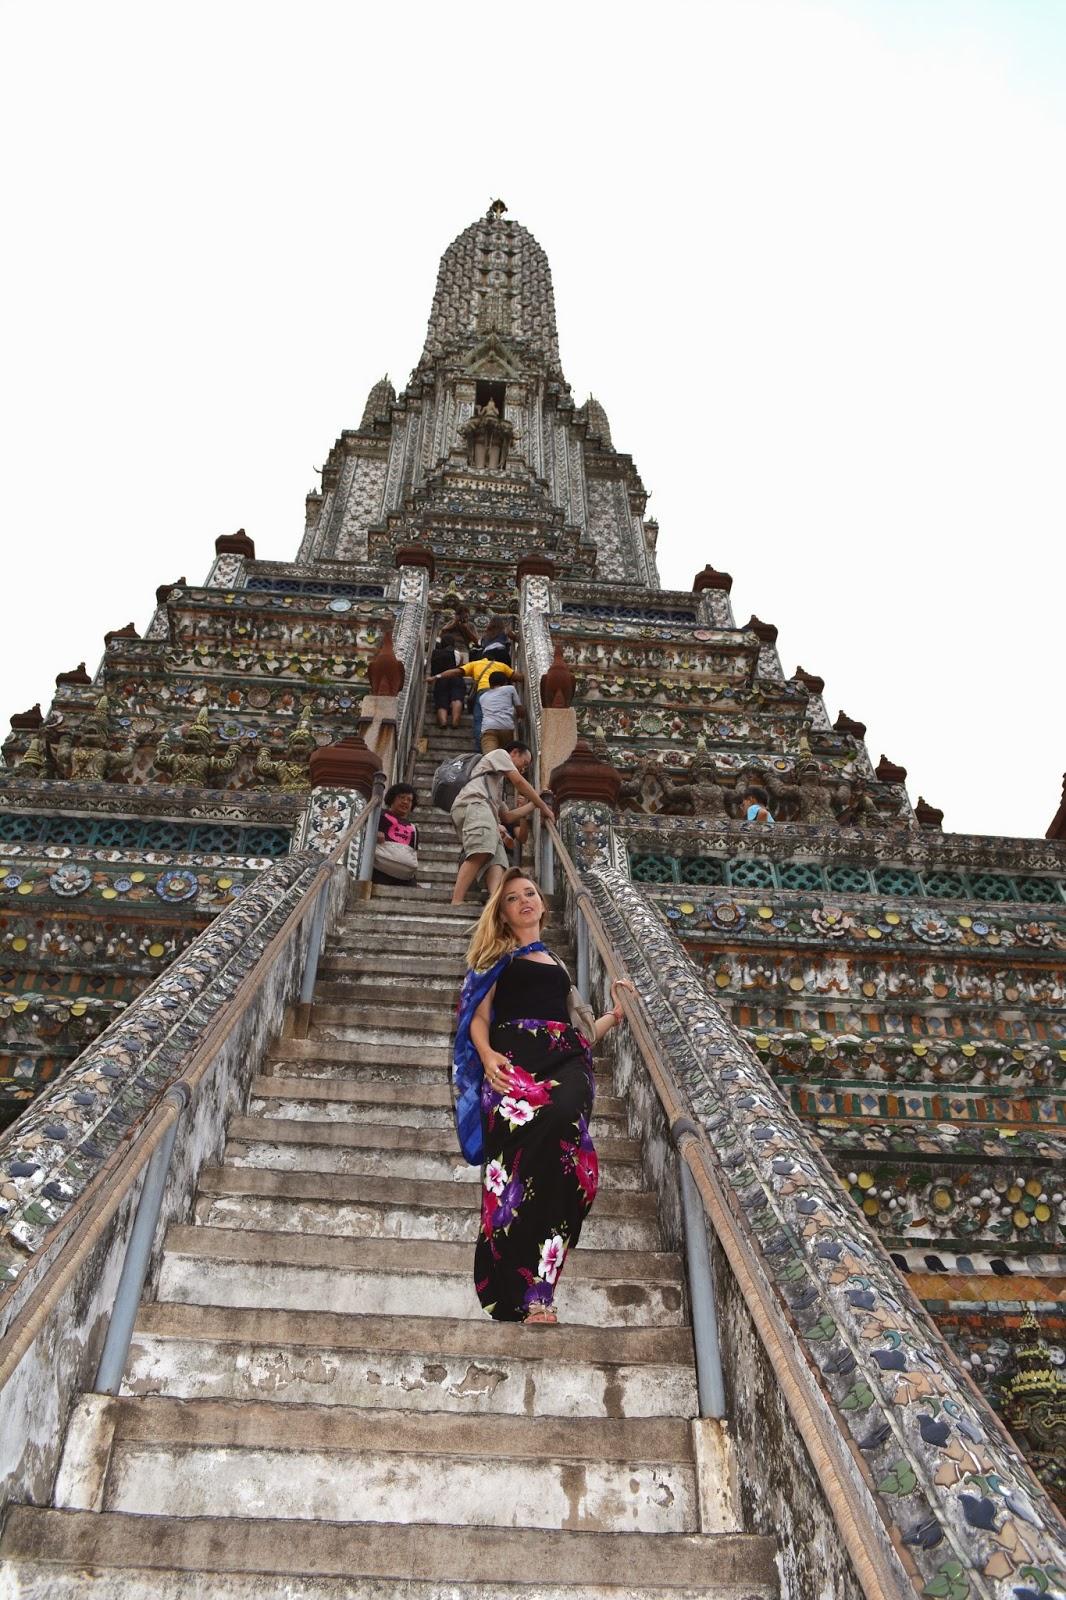 co navštívit thajsko, co navštívit bangkok, wat arun thajsko, chám thajsko, wat arun, wat arun bangkok, czech expat, czech expat blog, czech expat thajsko, expat thajsko, bangkok 2014, nepokoje v thajsku,  život v zahraničí, práce v zahraničí, fashion house, fashion house cz, fashion house blog, thajsko, dovolená v thajsku, thajsko na vlastní pěst, thajsko bez cestovky, rady do thajska, blog o thajsku, blog o životě v thajsku, blog o cestování, kristýna vacková, chatuchak park, co navštívit v Bangkoku, dovolená v Bangkoku, ubytování v bangkoku,Thajské království, Thajsko, dovolená v Thajsku, Thajsko na vlastní pěst, thajsko bez cestovky, letenky do thajska, kam v Bangkoku, ubytování v Bangkoku, nákupy v bangkoku, modelka, modelka na střeše, mrakodrap, fashionhouse, fashion house, fashion house blog, šaty, dlouhé šaty, džínsové šaty, džínové šaty, jeansové šaty, letní šaty, výprodej letních šatů, levné šaty, češka žijící v zahraničí, češka žijící v Thajsku, Kristýna Vacková, nejlepší blog, český blog, zajímavý český blog, blog o cestování, blog o thajsku, lifestyle český blog, módní blog, fashion český blog, rooftop, kam v thajsku, průvodce po thajsku, plavky, levné plavky, bandeau plavky, bikiny, výprodej plavek,Thajsko, thajská pláž, thajská vlajka, blog o cestování, blog o cestování po thajsku, cestování po thajsku, dovolená v thajsku, pattaya, pattaya dovolená, cestování bez cestovky, thajsko bez cestovky, thajsko na vlastní pěst, pláž v thajsku, pláž pattaya, pláž v pattaye,Thajsko, pláž v thajsku, dovolená v thajsku, dovolená phuket, maya beach, pláž z filmu Pláž, cestování na vlastní pěst, cestování bez cestovky, thajsko bez cestovky, ráj na zemi, pláž, thajská pláž, kam na dovolenou, maya beach, pláž maya beach, pláž phuket,dámské oblečení, dámské stylové oblečení, značkové oblečení, oblečení ze zahraničí, zahraniční eshop, eshop s poštovným zdarma, letní šaty, eshop s dámkým oblečením, eshop výprodej, dlouhé šaty, sexy mini šaty, černé šaty, zlaté doplňky, a